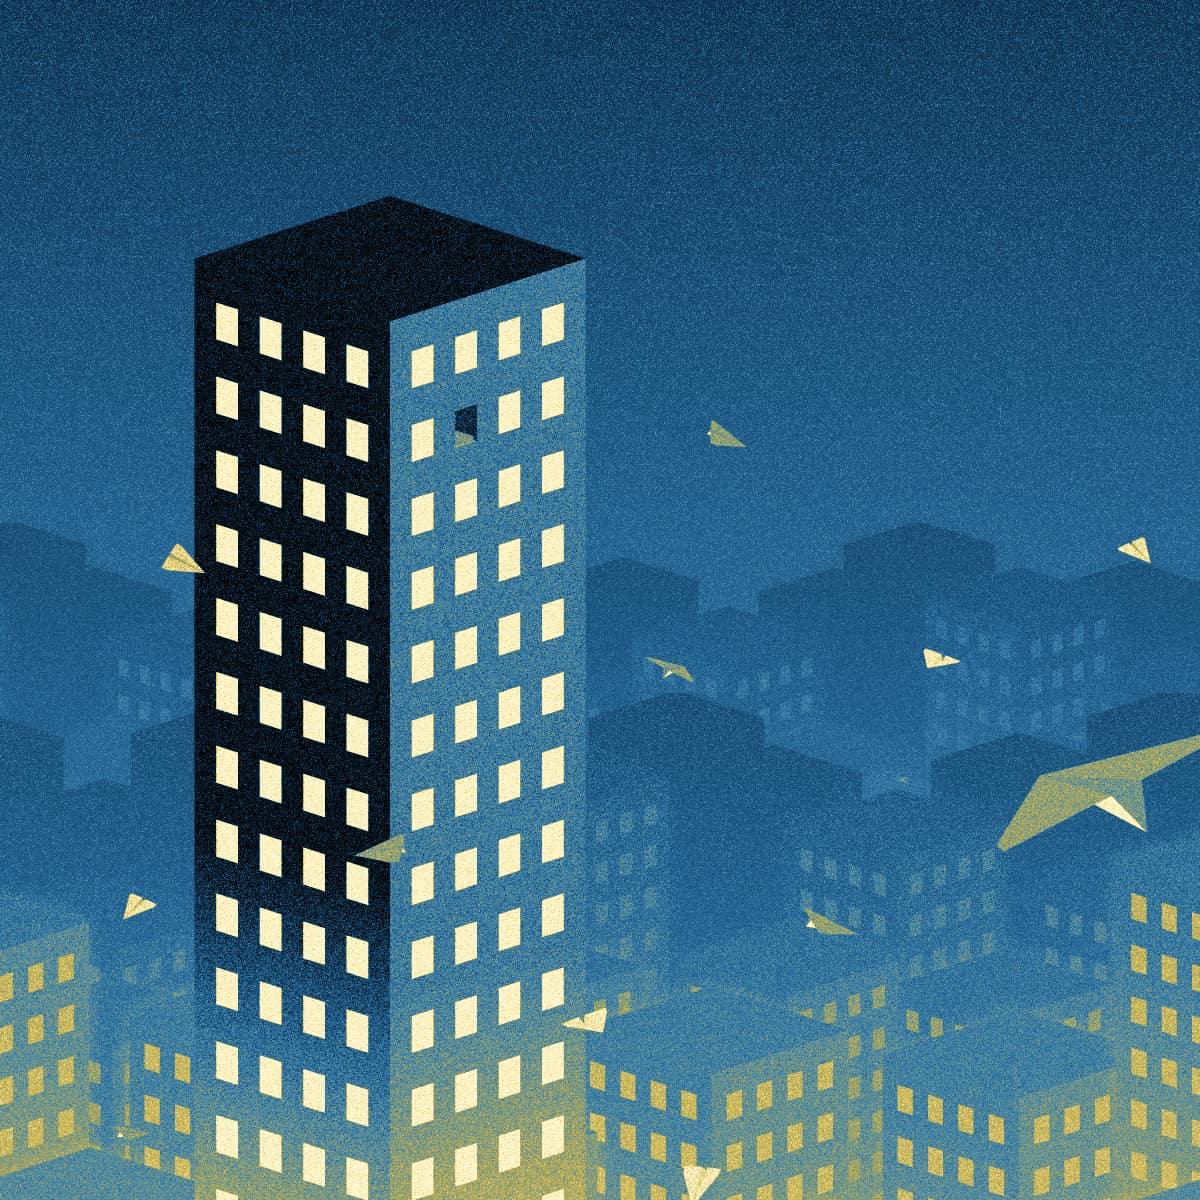 big city lights design ideas. Black Bedroom Furniture Sets. Home Design Ideas